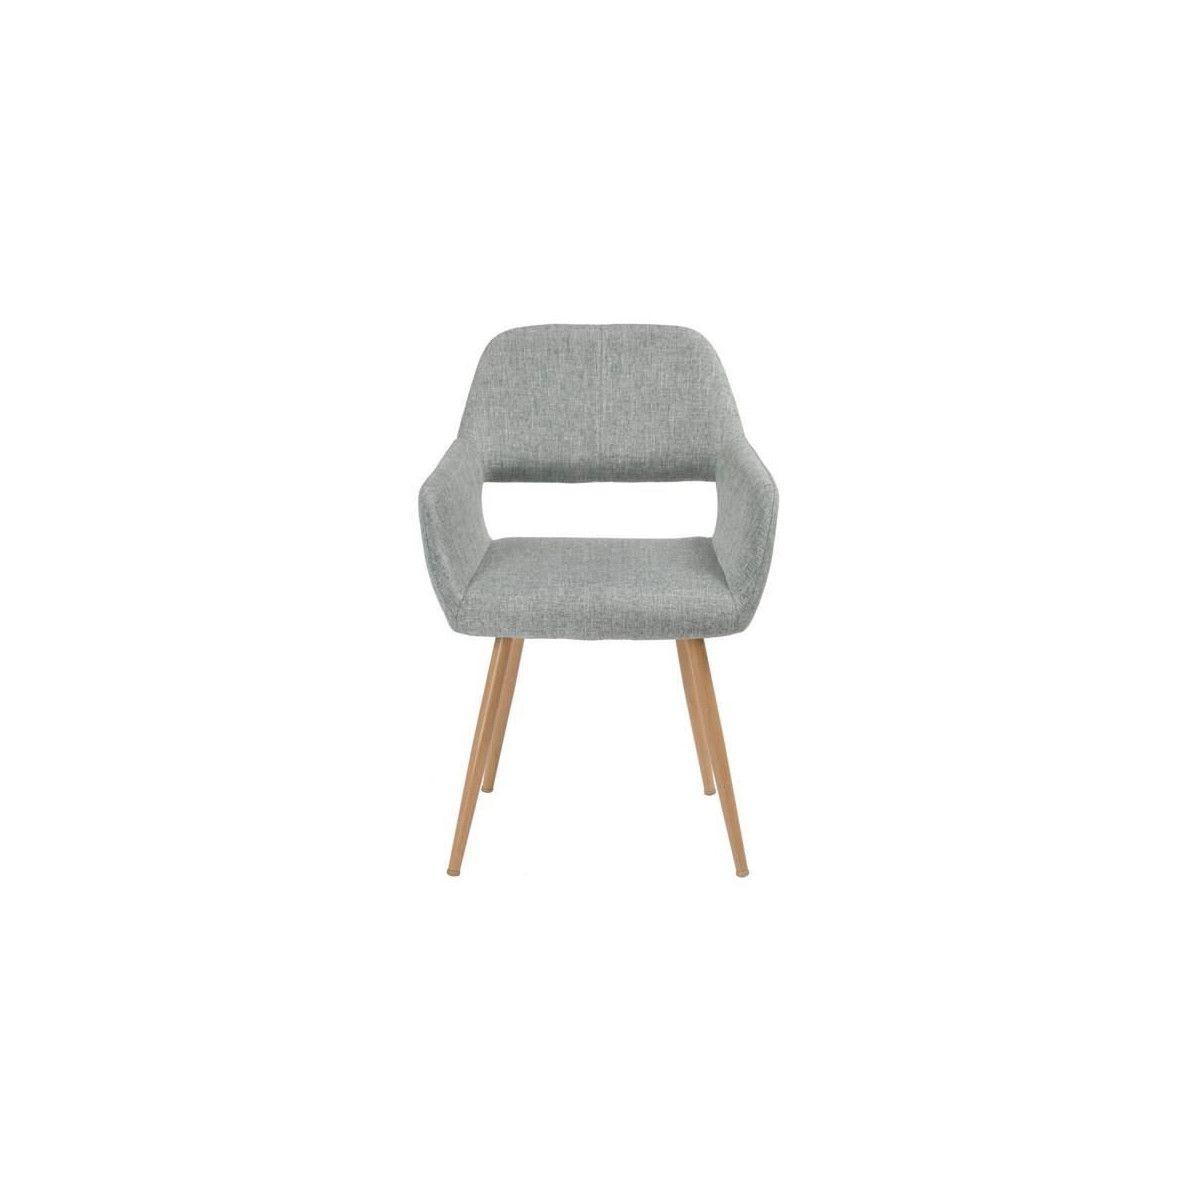 43157e2d5cbe4 cromwell-chaise-de-salle-a-manger-en-metal-imprime-bois-revetement-tissu-grise-style-scandinave-l-56-x-p-56-cm.jpg